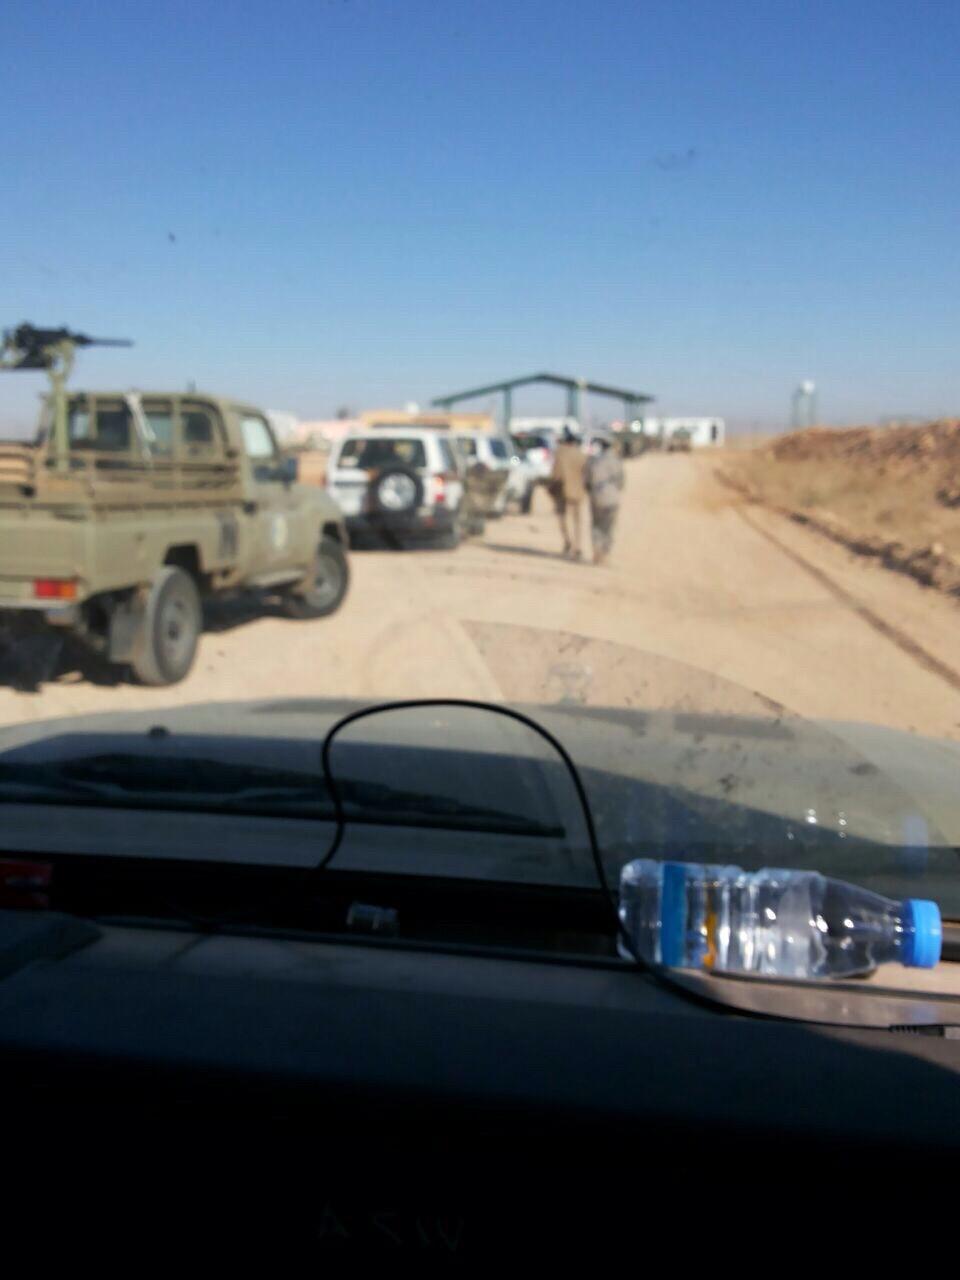 صور الجندي الشهيد طارق حلواني في العملية الارهاربية اليوم الاثنين 14-3-1436